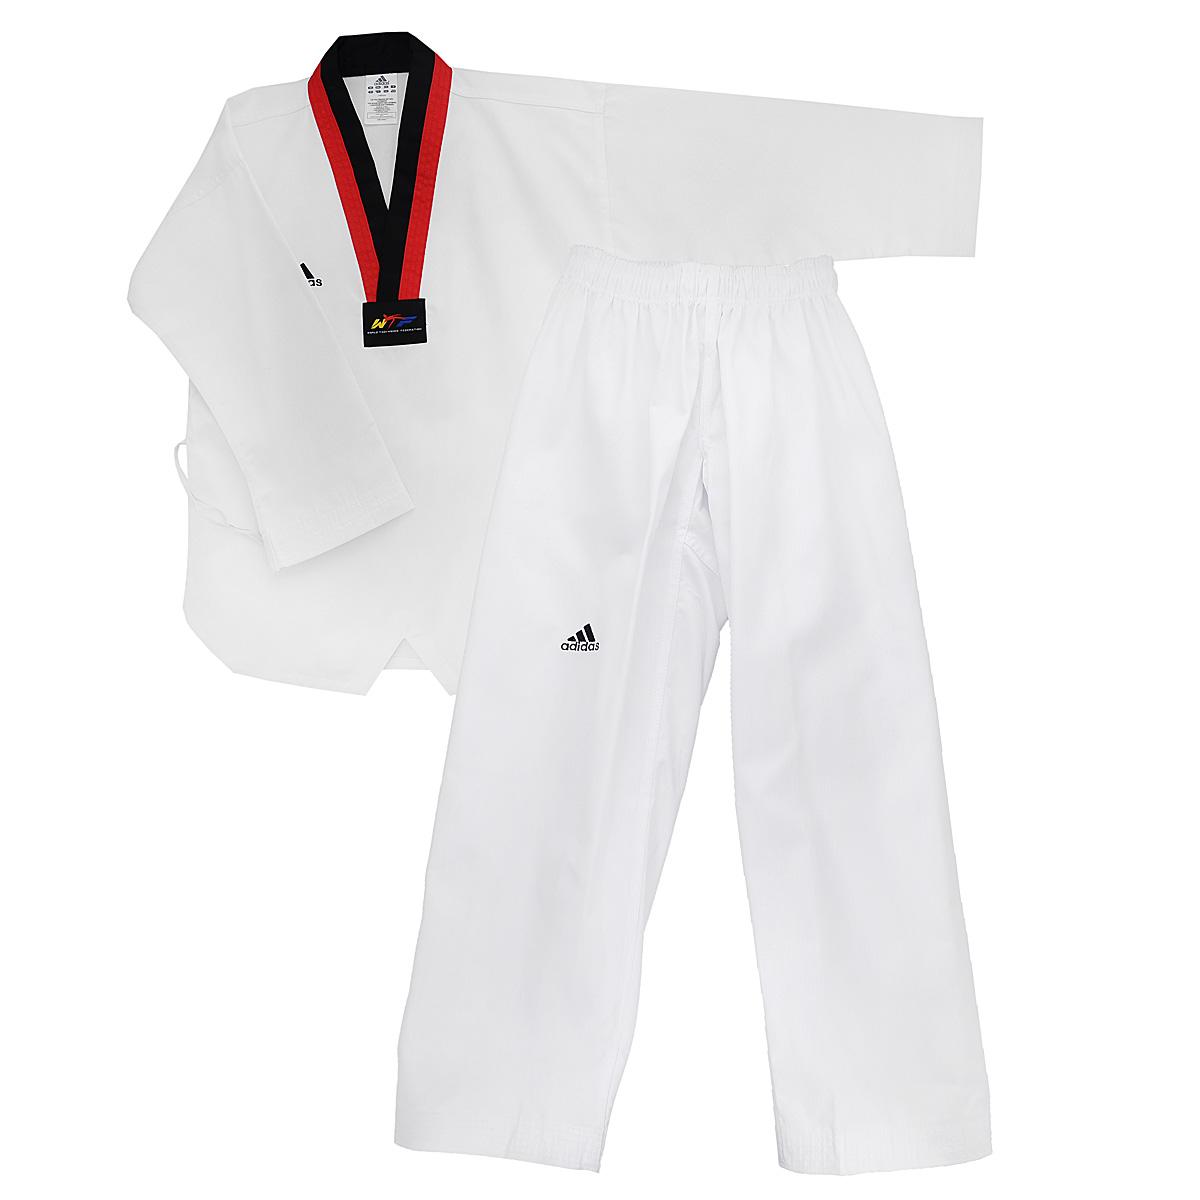 Кимоно для тхэквондо adidas Taekwondo Adi-Start, цвет: белый, черный, красный. adiTS01-WH/RD-BK. Размер 160adiTS01-WH/RD-BKКимоно для тхэквондо adidas Taekwondo Adi-Start состоит из рубашки и брюк. Просторная рубашка без пояса с V-образным вырезом горловин, боковыми разрезами и длинными рукавами изготовлена из плотного полиэстера с добавлением хлопка. Боковые швы, края рукавов и полочка укреплены дополнительными строчками. В области талии по спинке рубашка дополнена эластичной резинкой для регулирования ширины.Просторные брюки особого покроя имеют широкий эластичный пояс, регулируемый скрытым шнурком. Низ брючин с внутренней стороны укреплен дополнительными строчками.Кимоно рекомендуется для тренировок в зале.